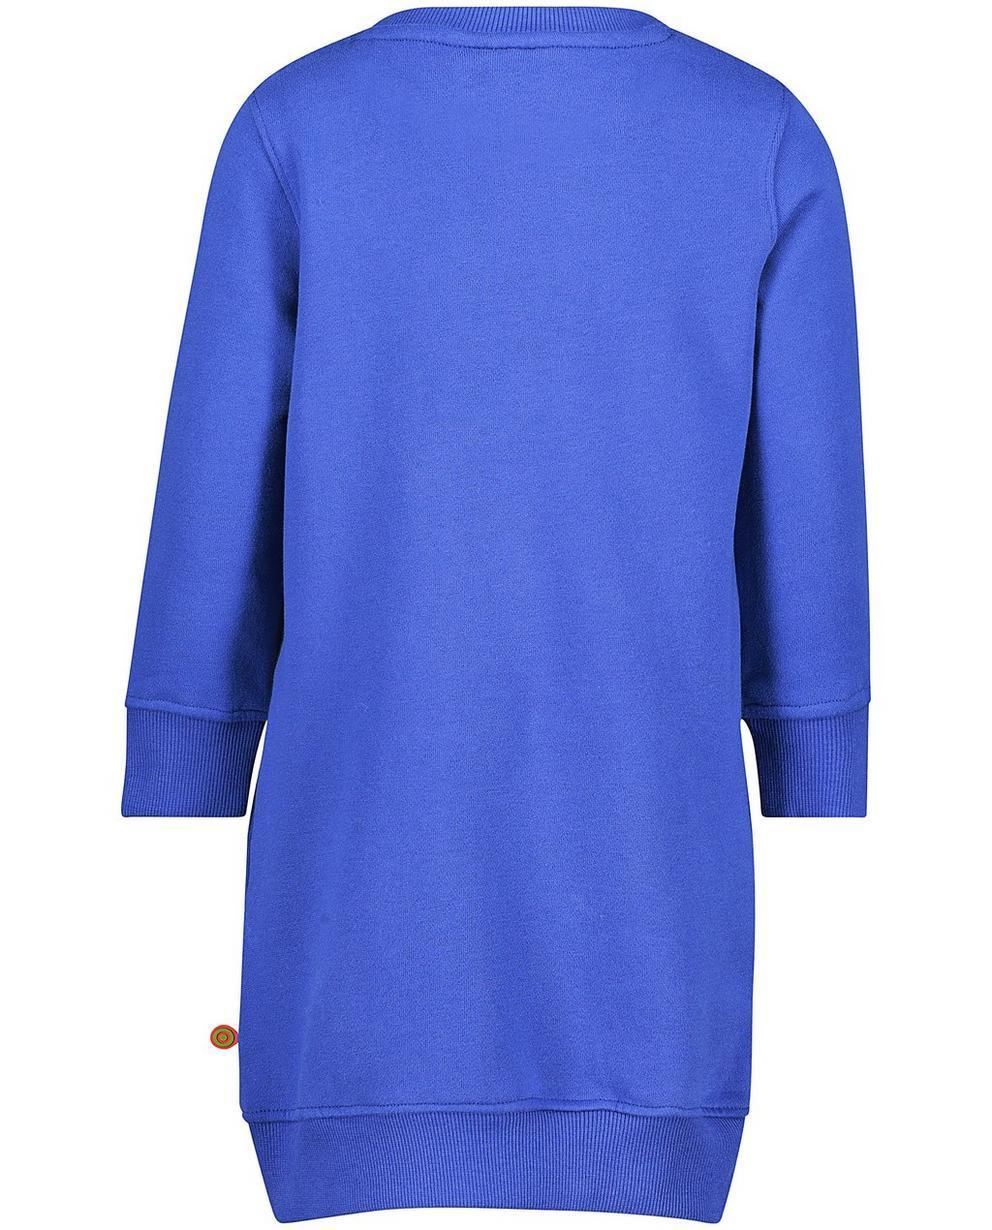 Kleedjes - BLD - Lavendelblauwe sweatjurk